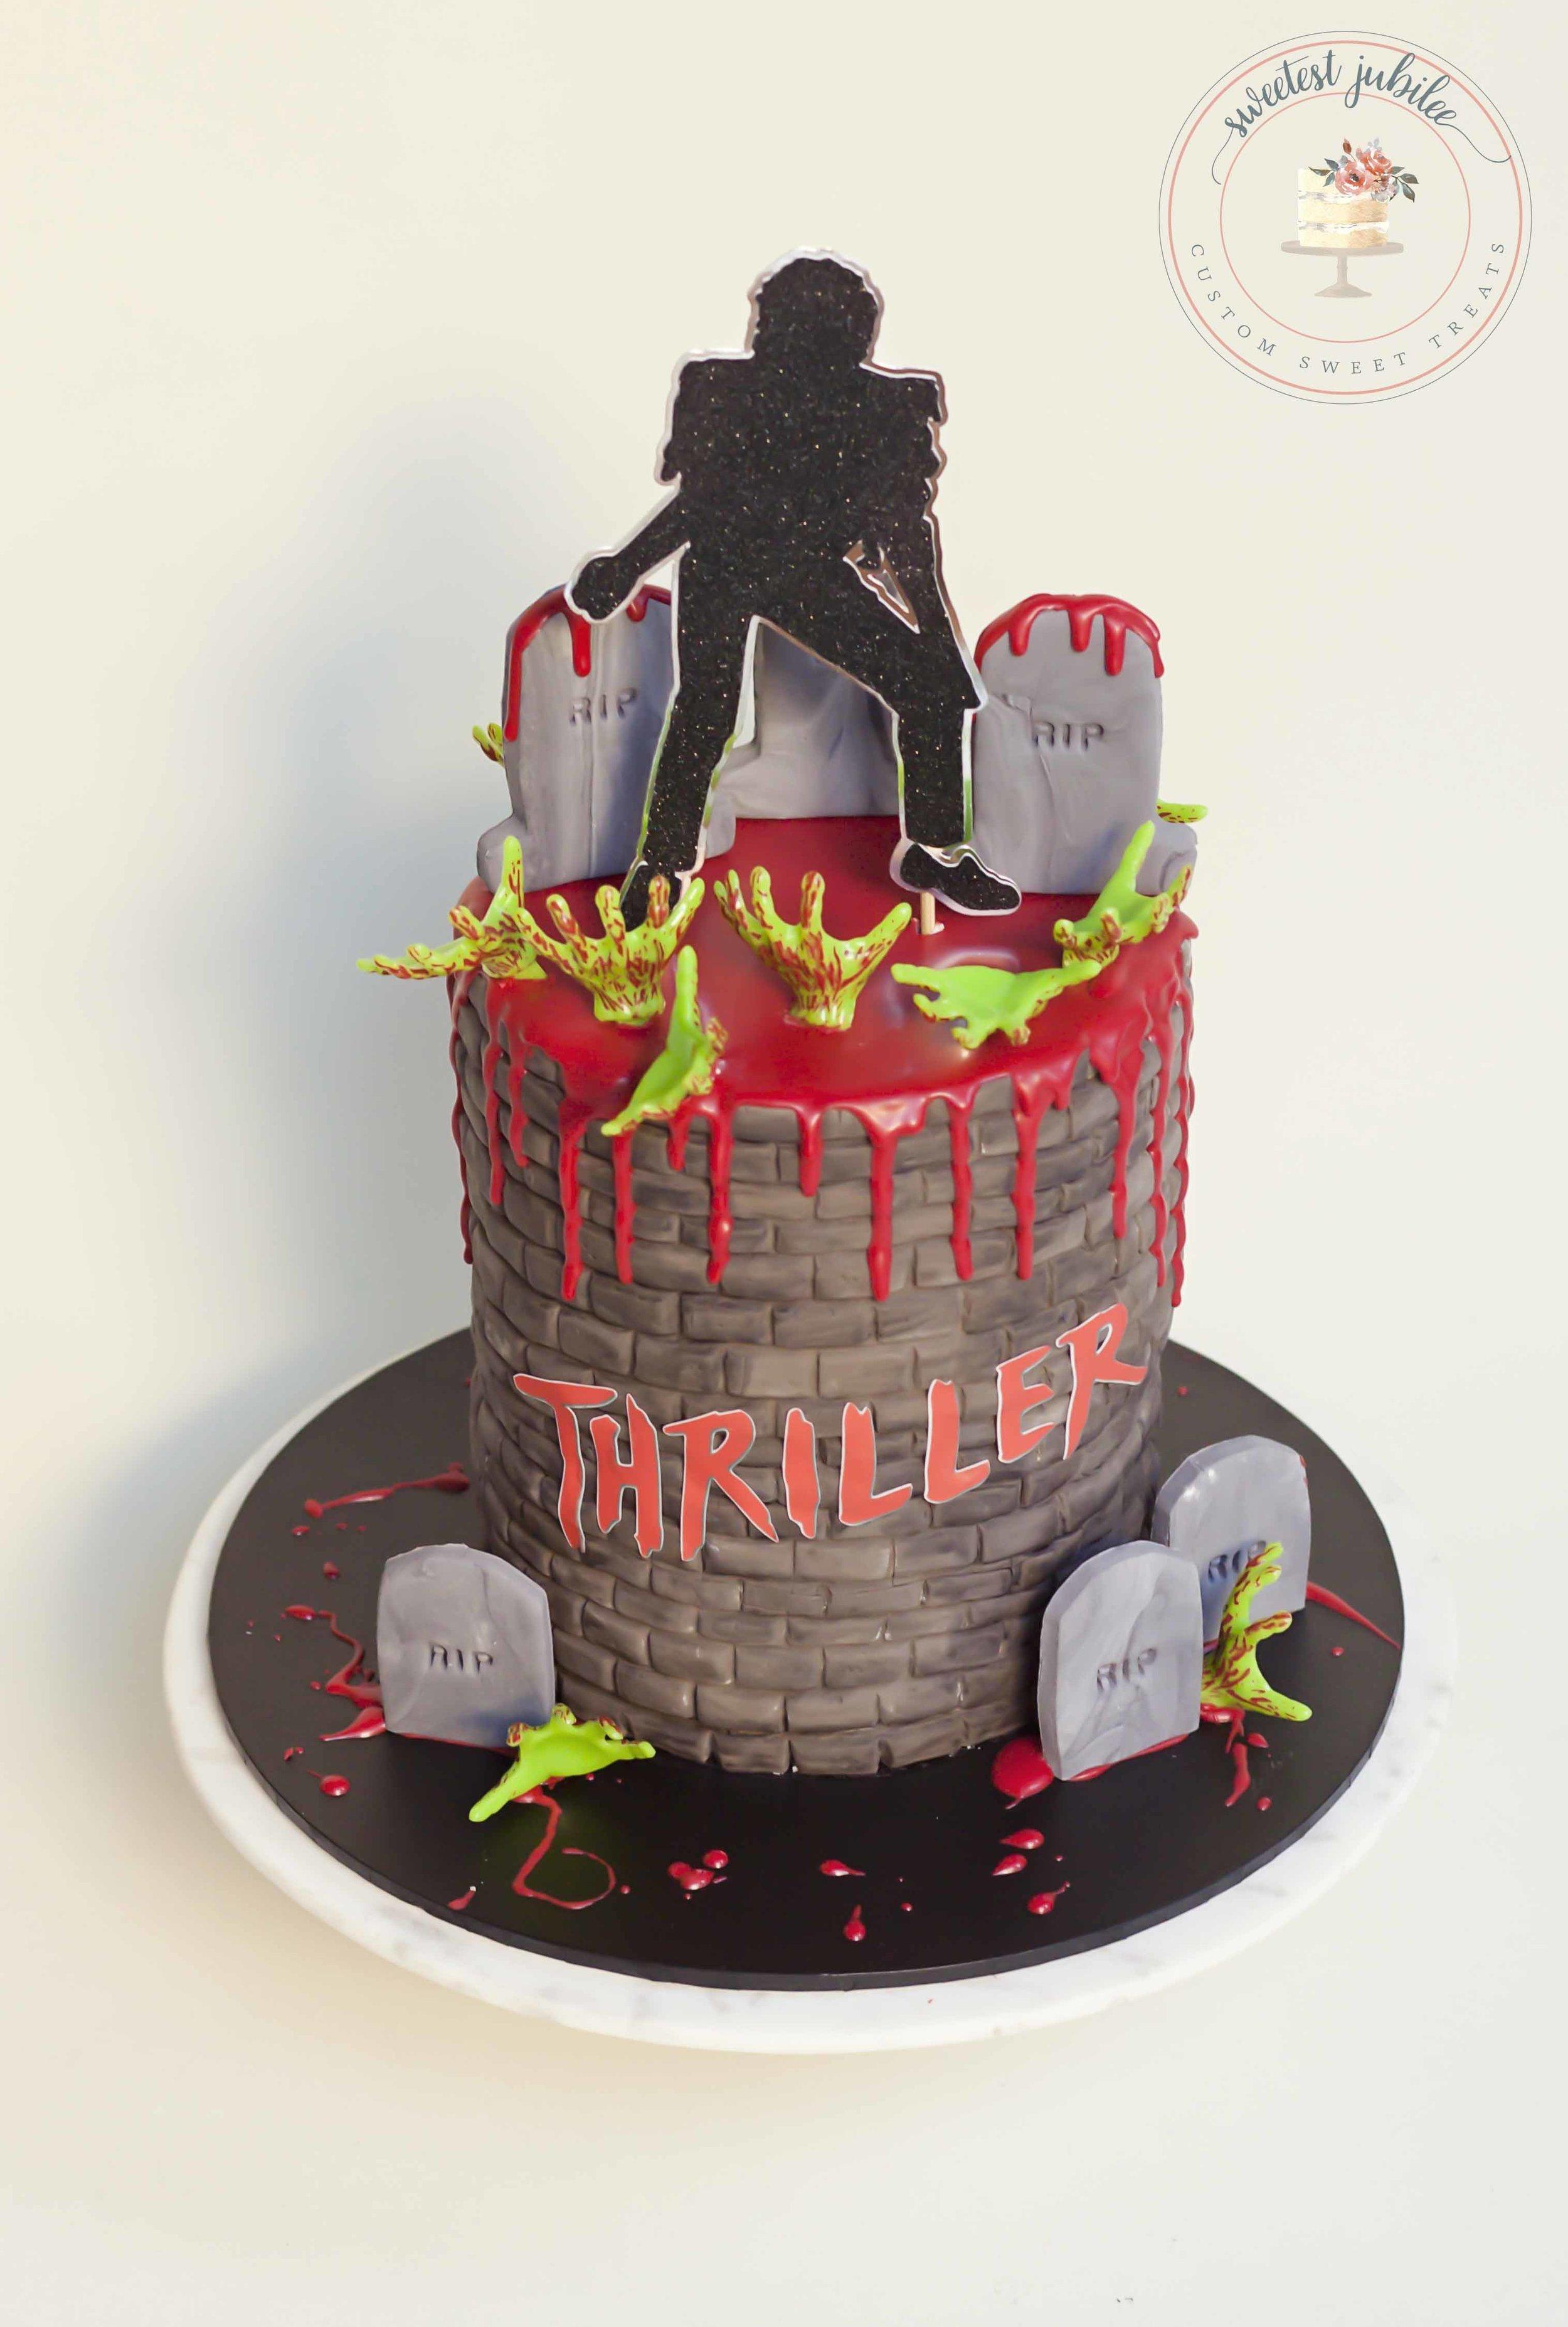 Eden's cake - Thriller.jpg